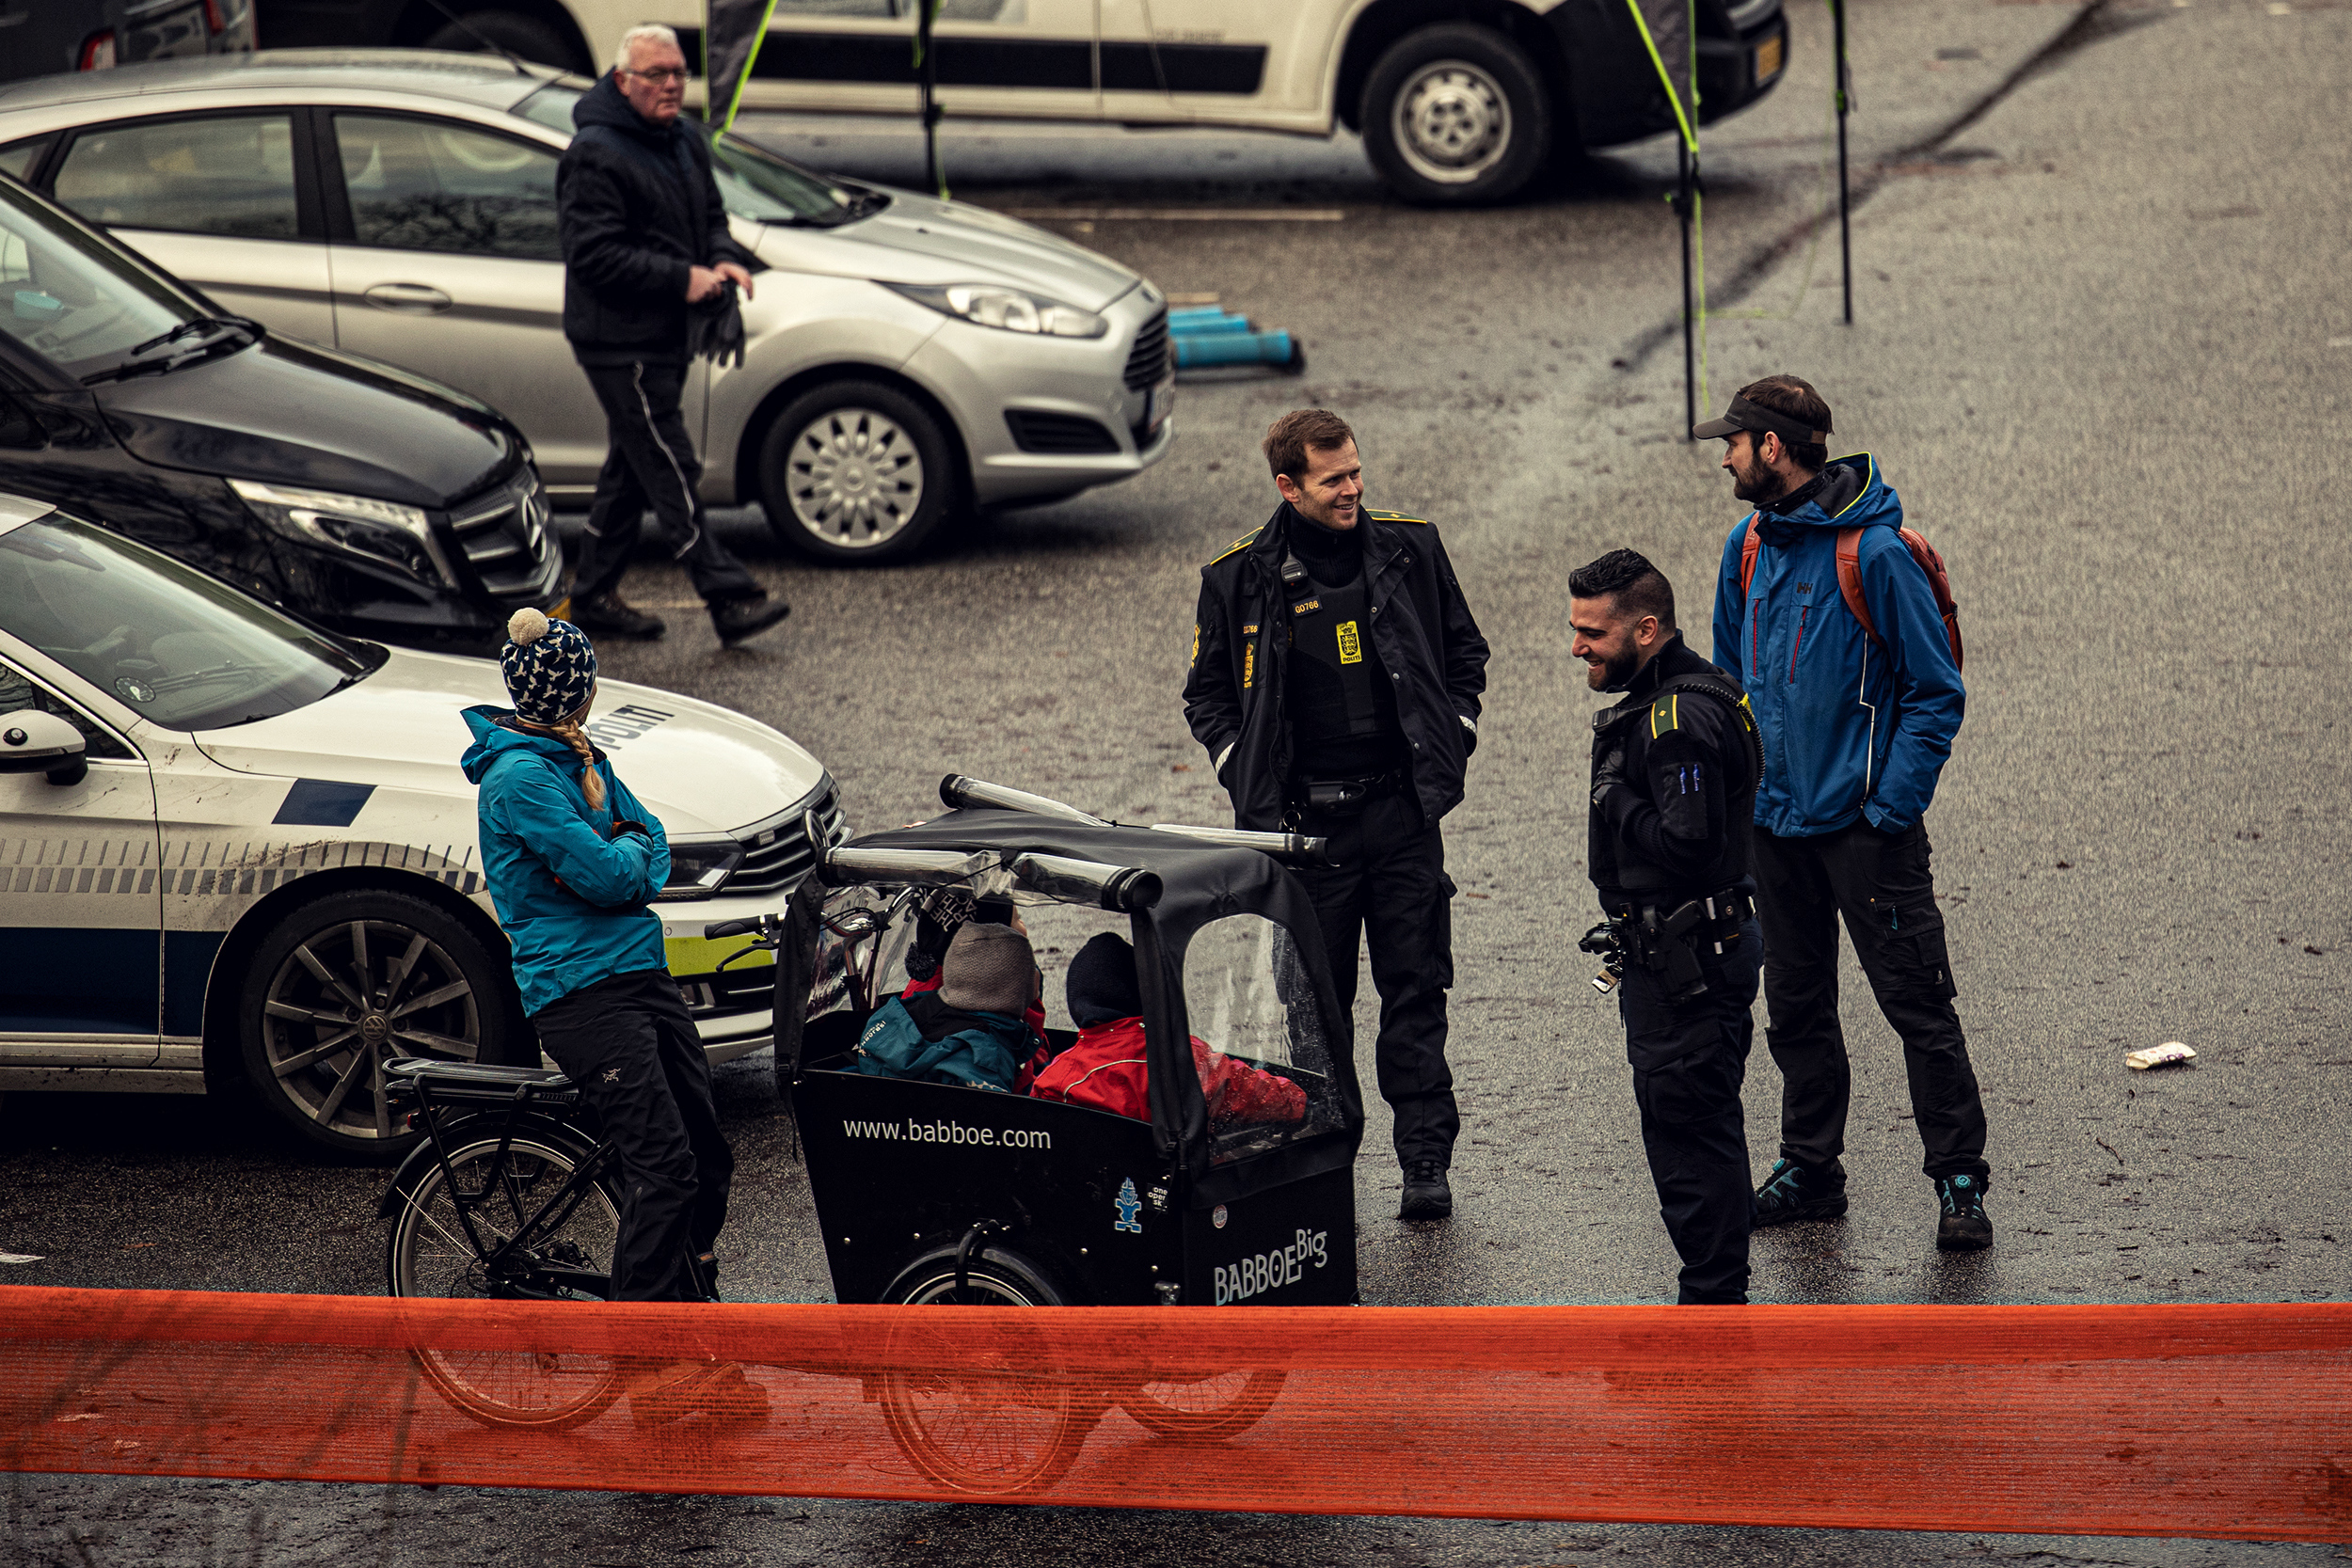 004 DM Cykelcross 2021 Aarhus